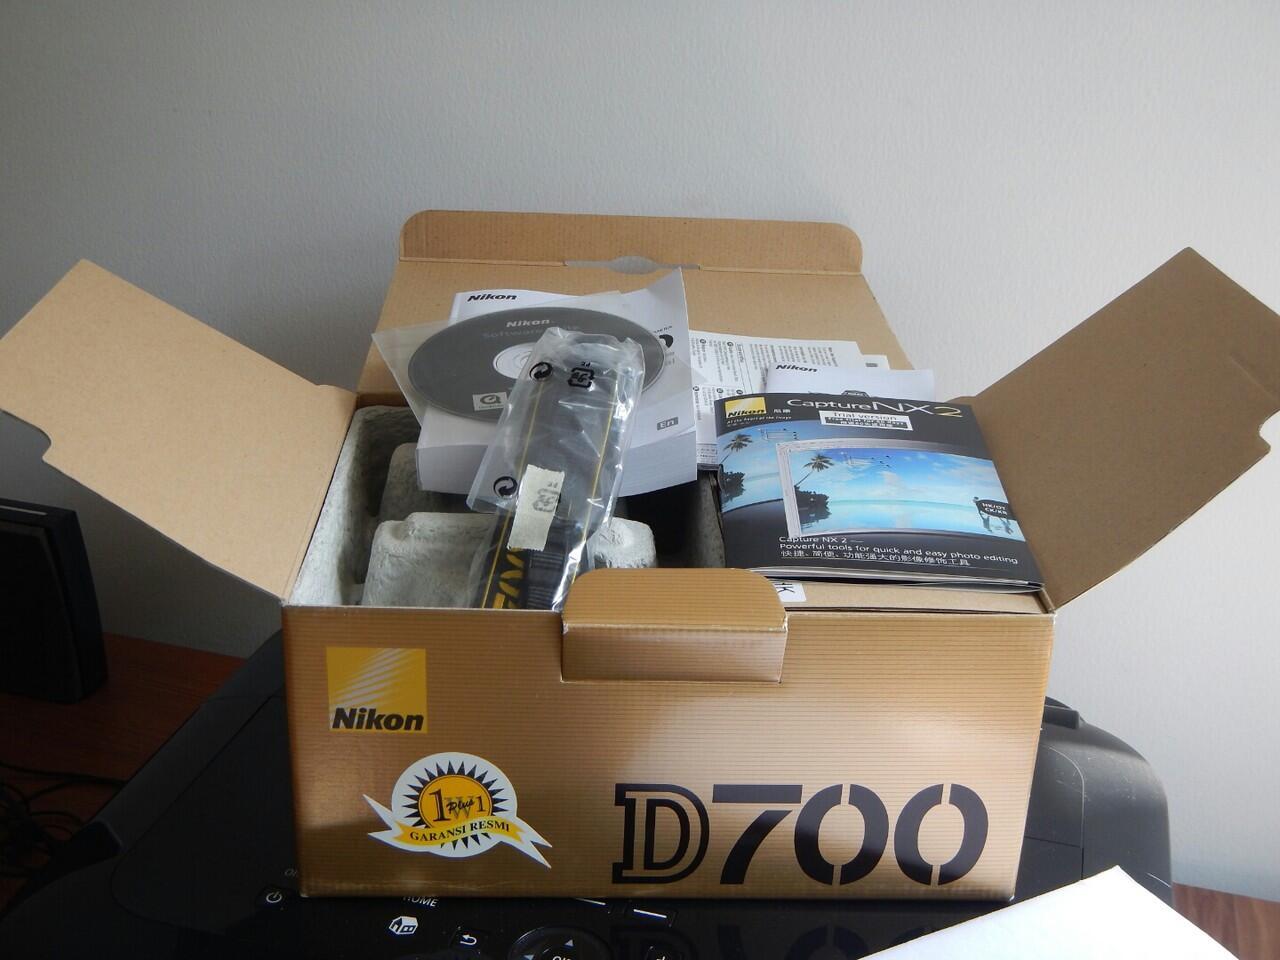 WTS Nikon D700 mint + ex Alta + lengkap